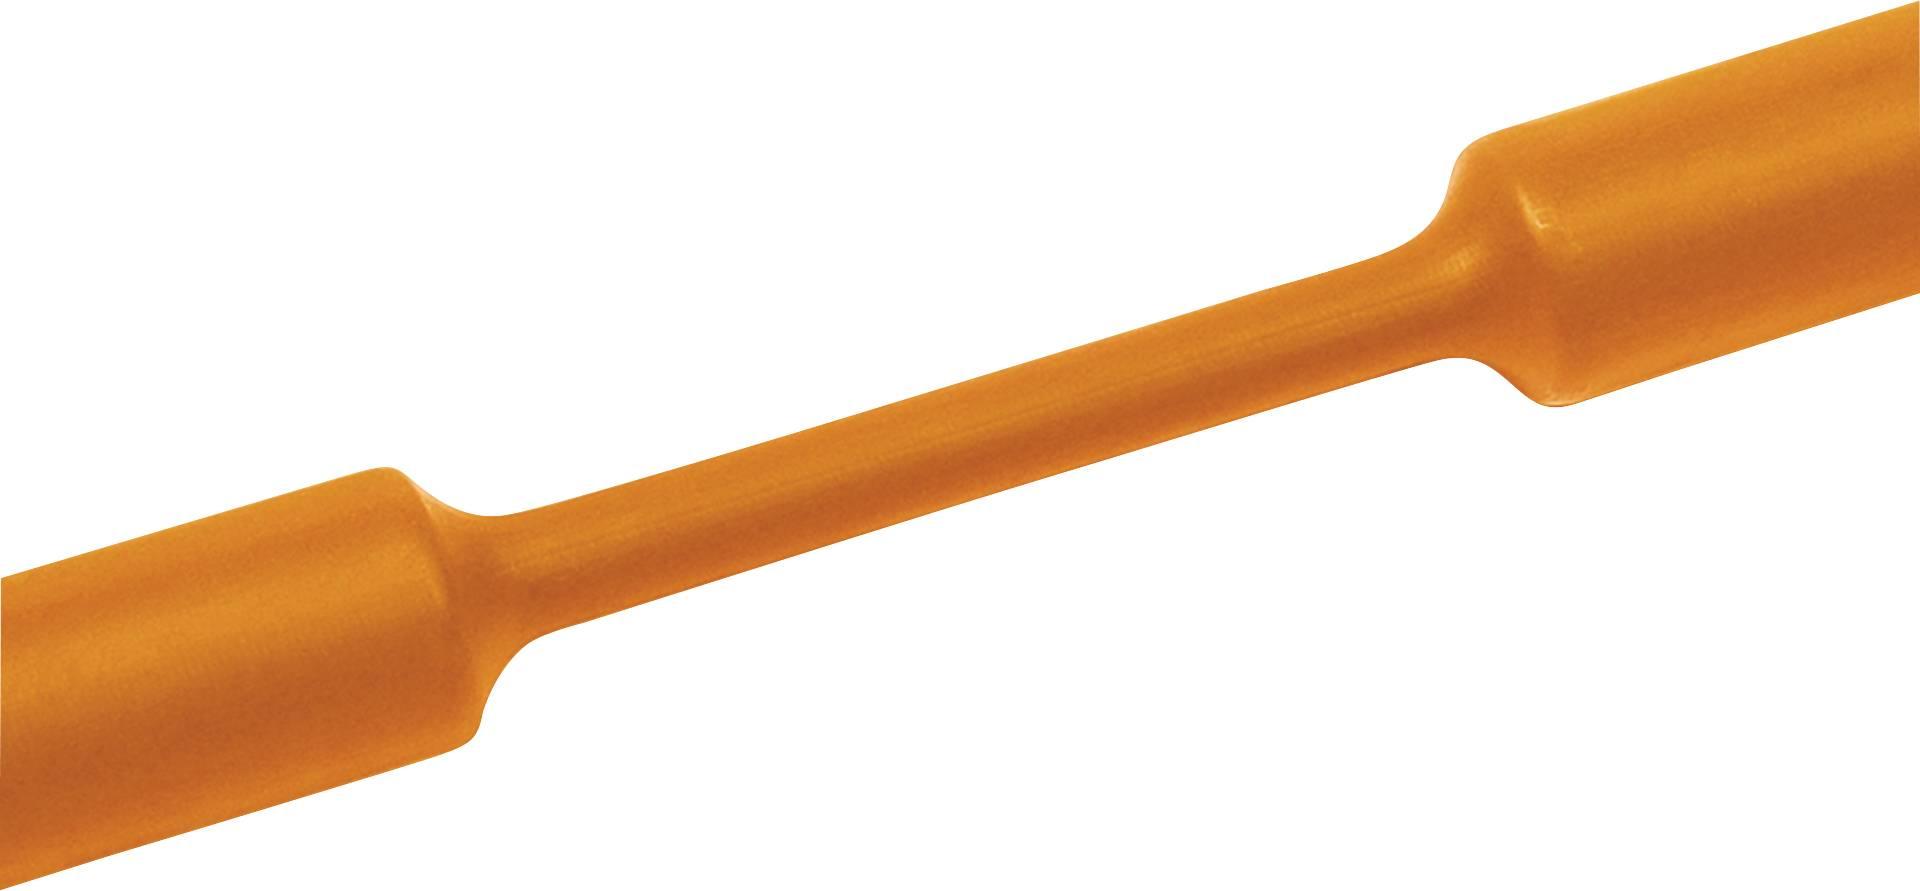 Schrumpfschlauch 7m ; 3:1 4,8-1,6mm ; flexibel